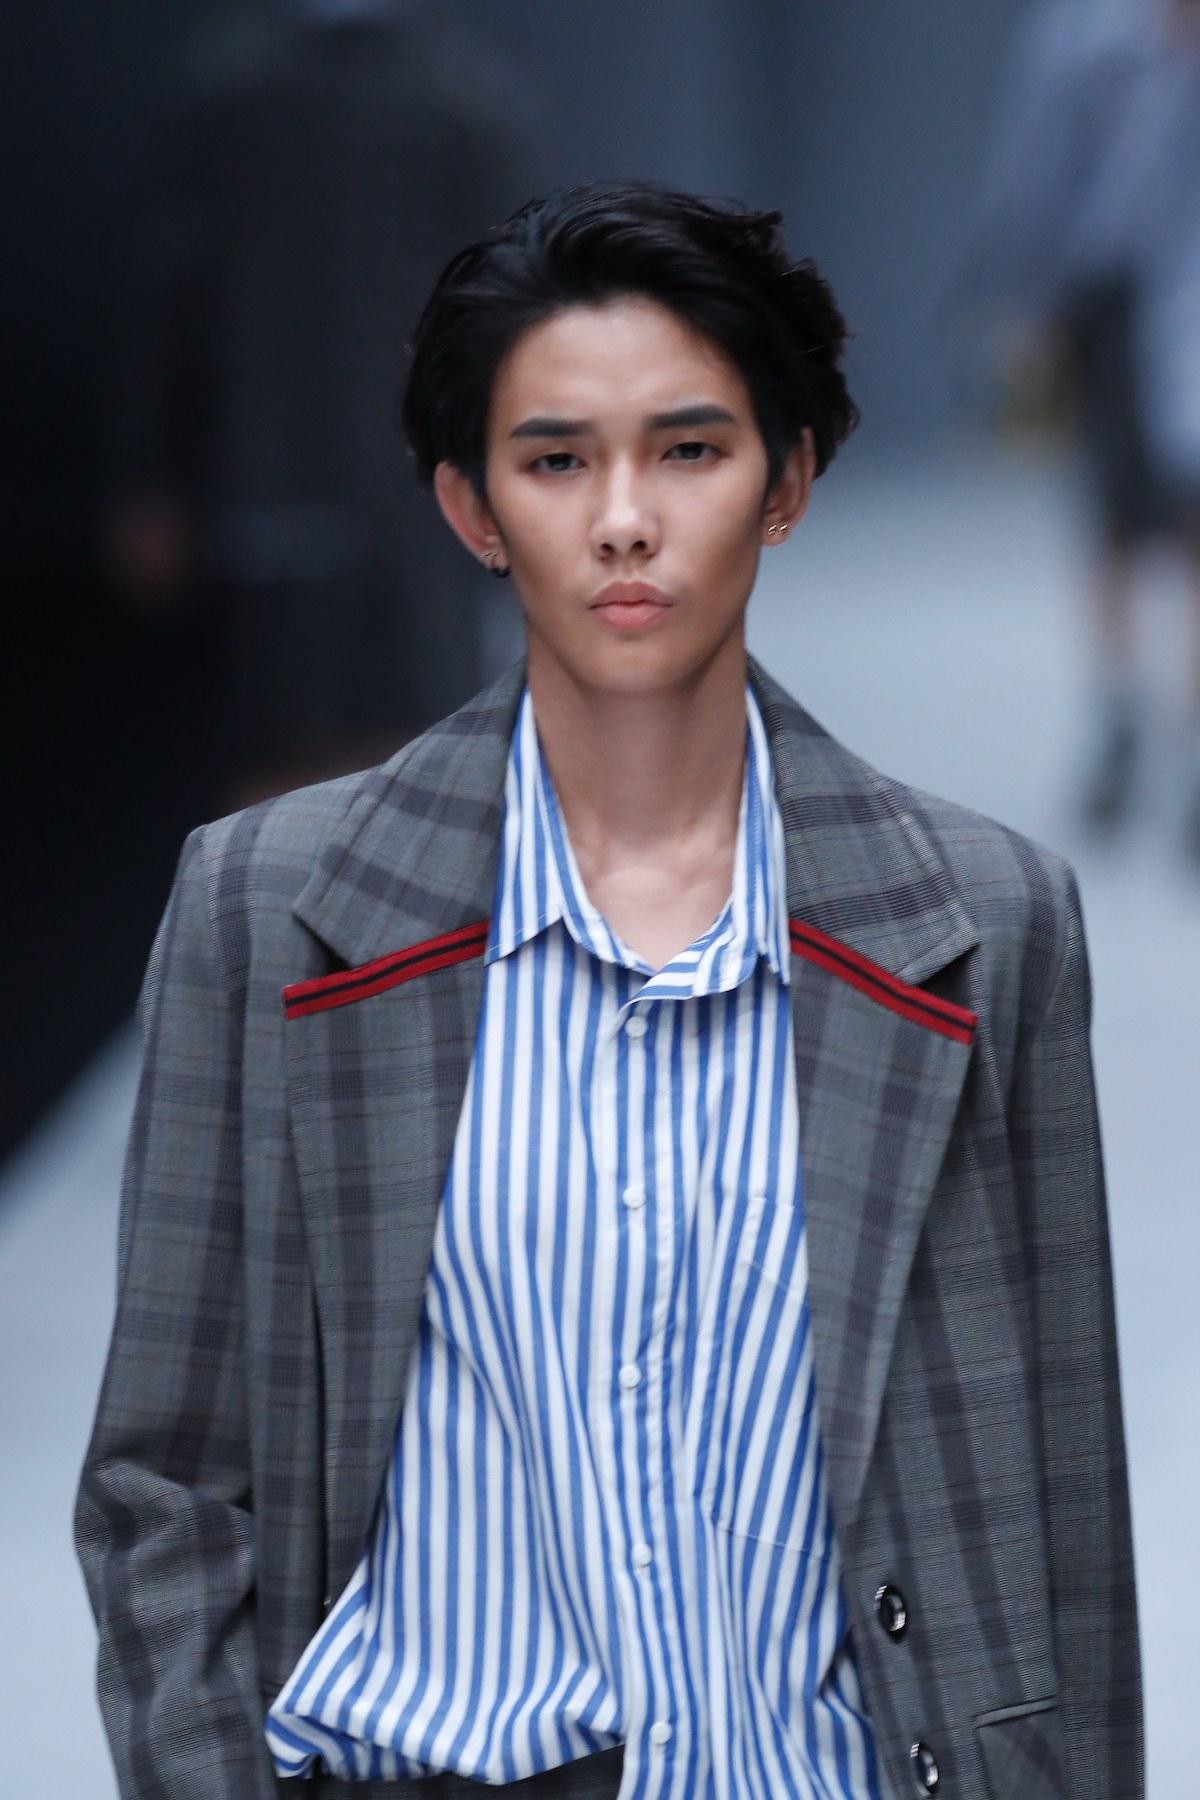 Pria asia dengan model rambut belah samping pada rambut medium